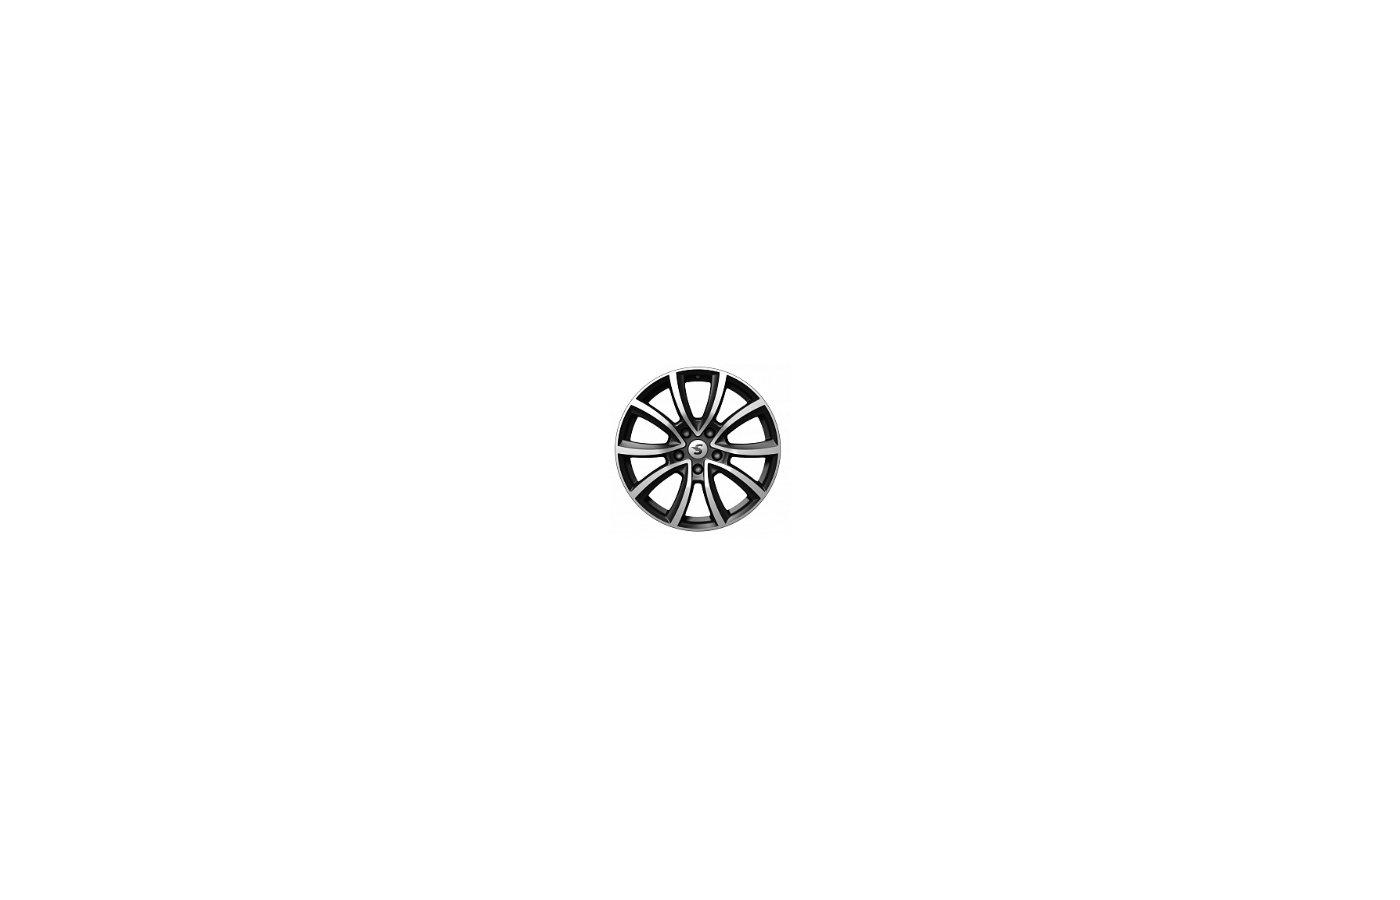 Диск Скад Онтарио 7x17/5x100 D56.1 ET48 Алмаз